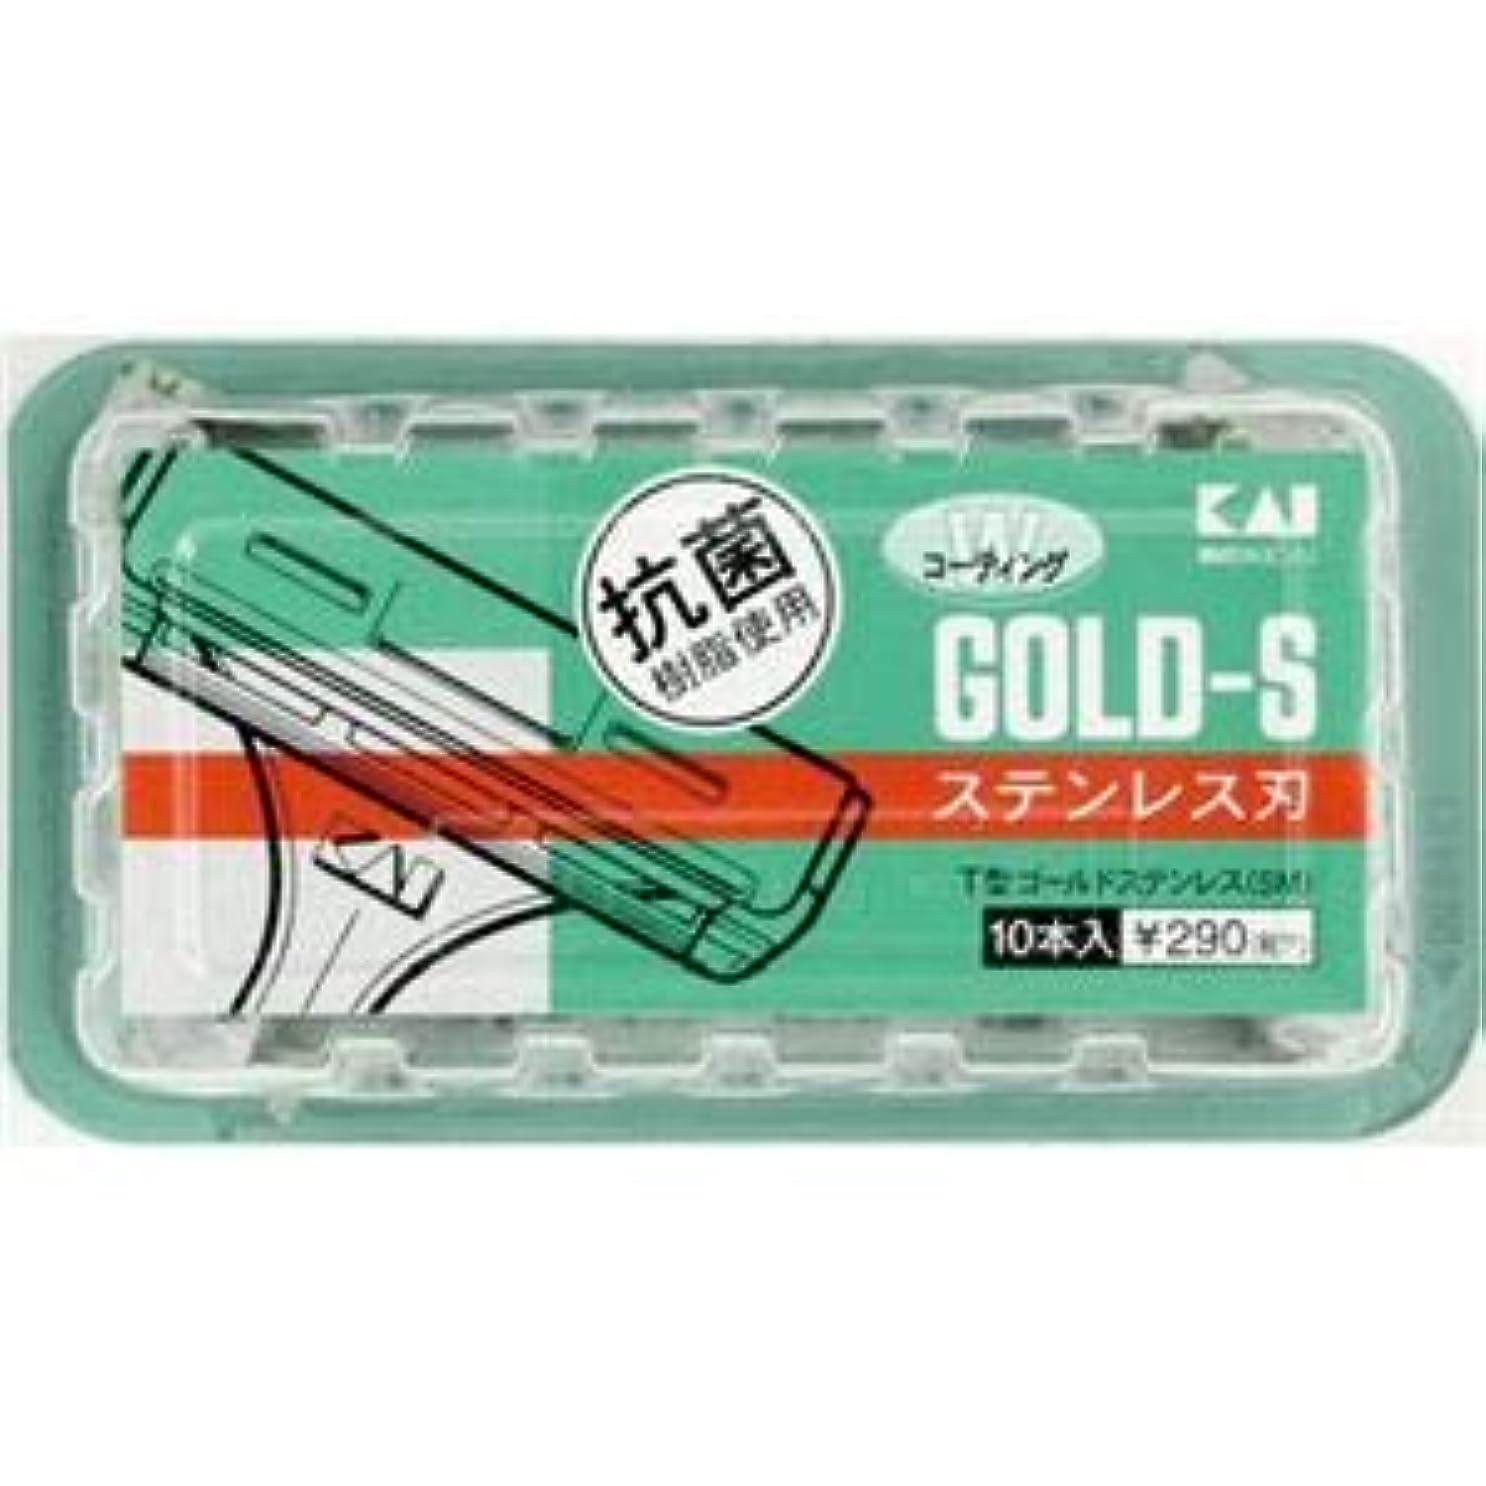 霧租界削除する(業務用20セット) 貝印 T型ゴールドステンレスSM10本